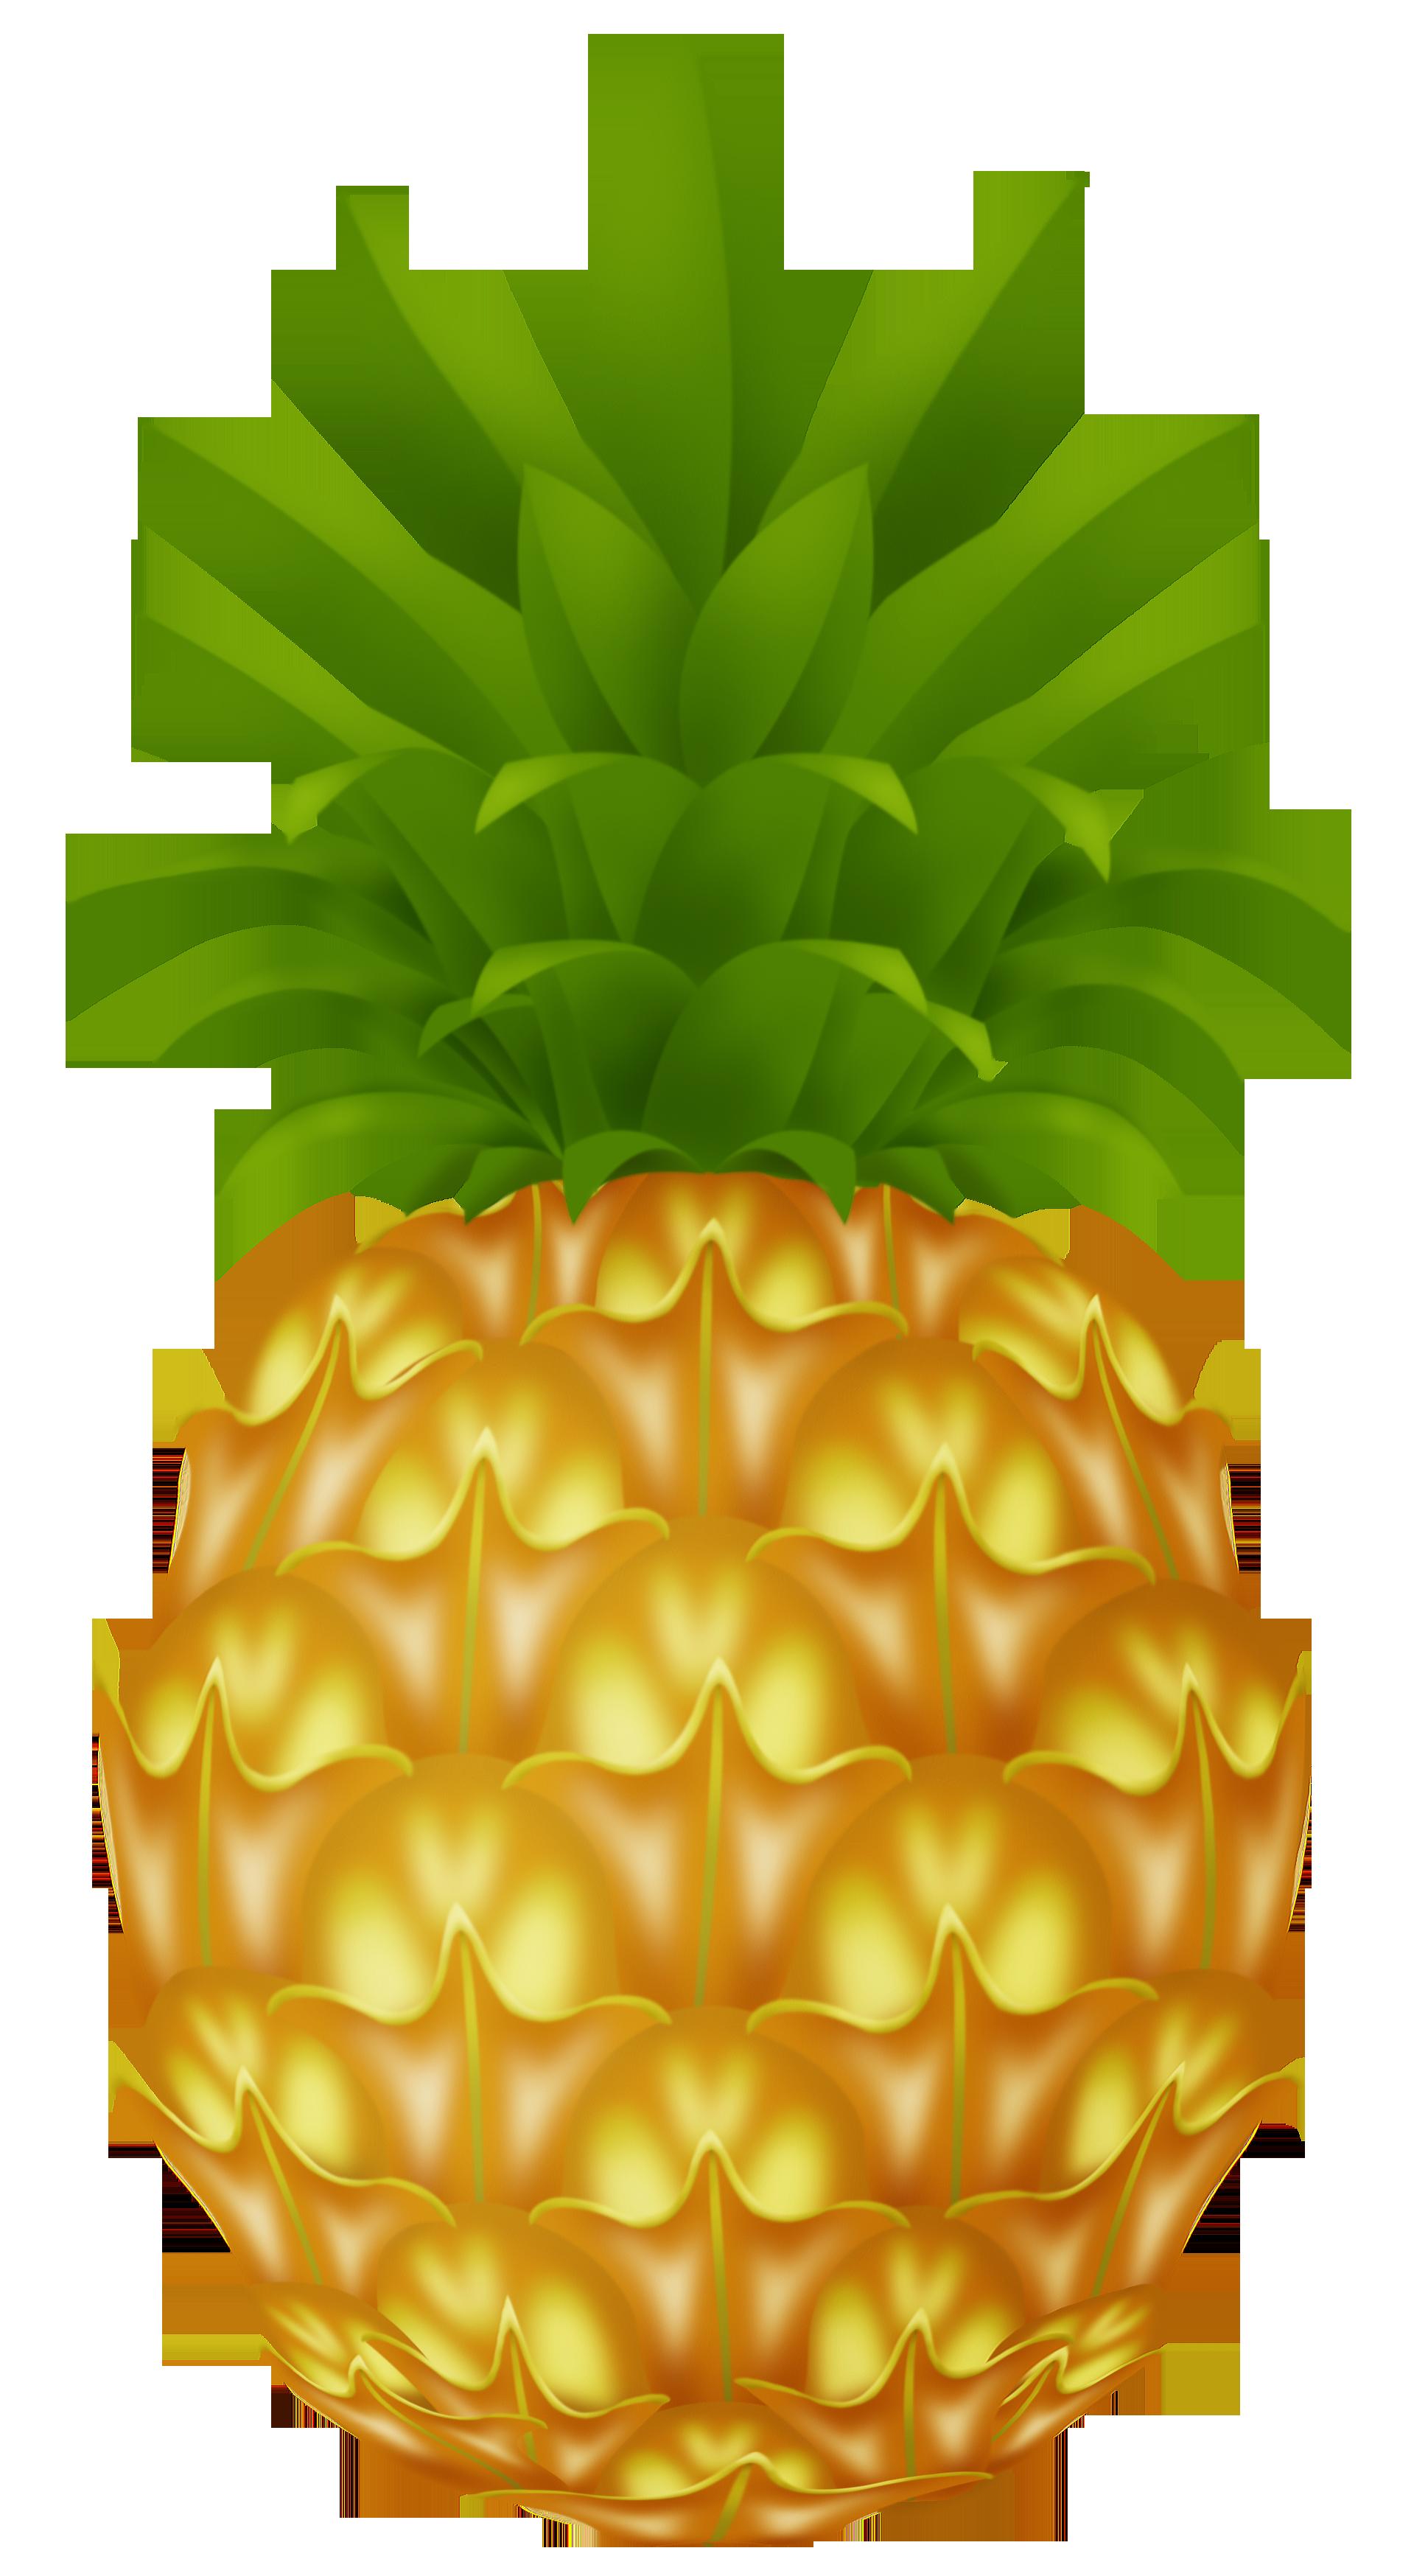 Cartoon Pineapple Clipart Best-Cartoon Pineapple Clipart Best-19